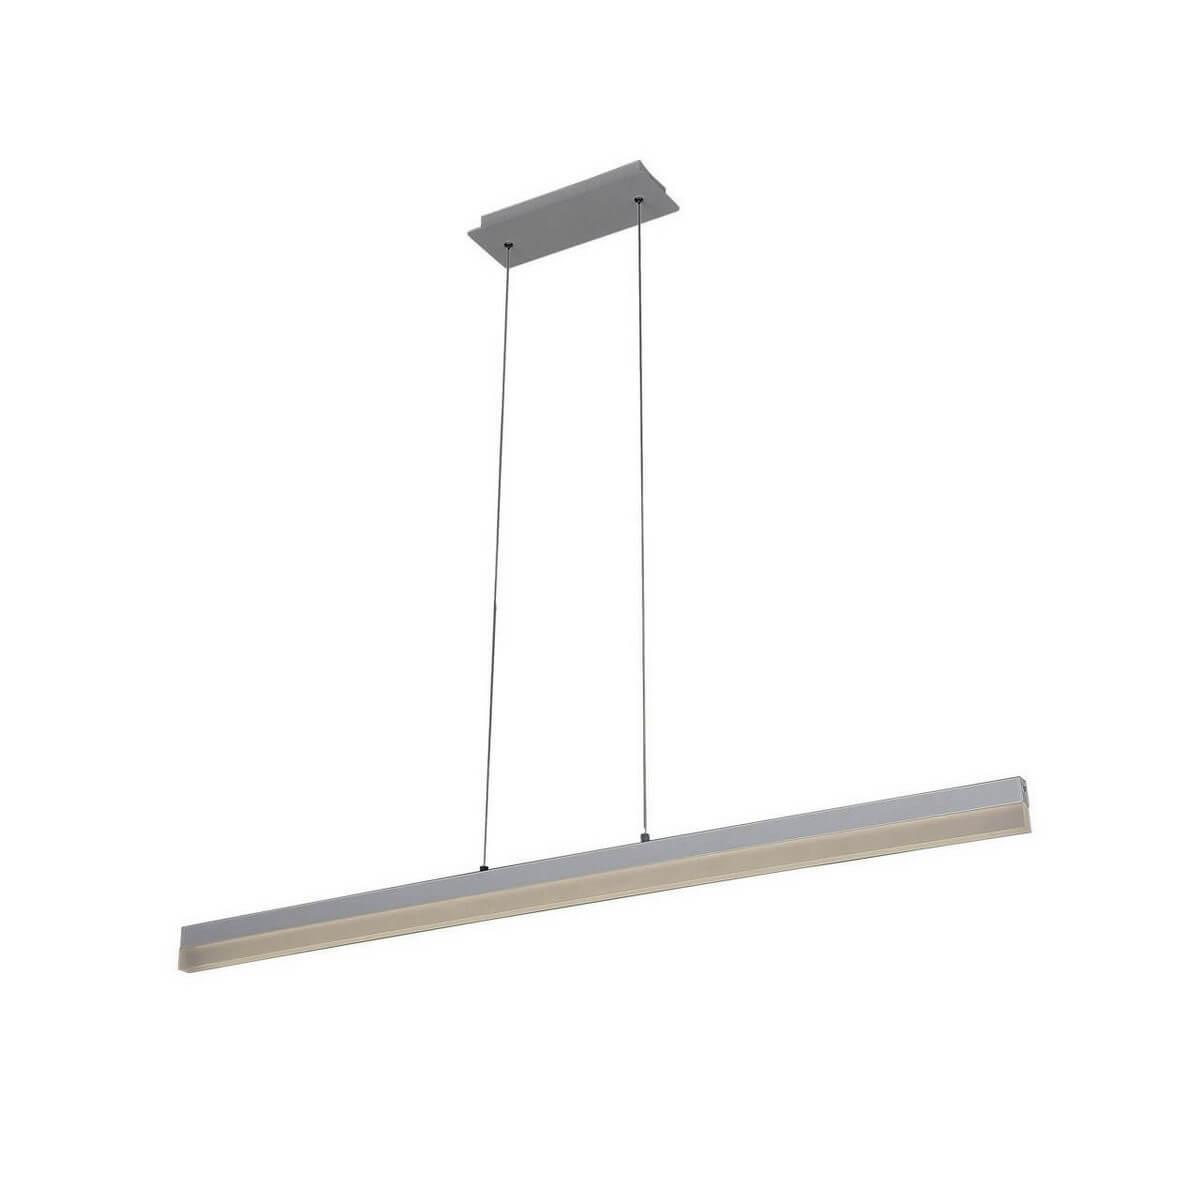 цены на Подвесной светильник Kink Light 08207(4000K), LED, 20 Вт  в интернет-магазинах